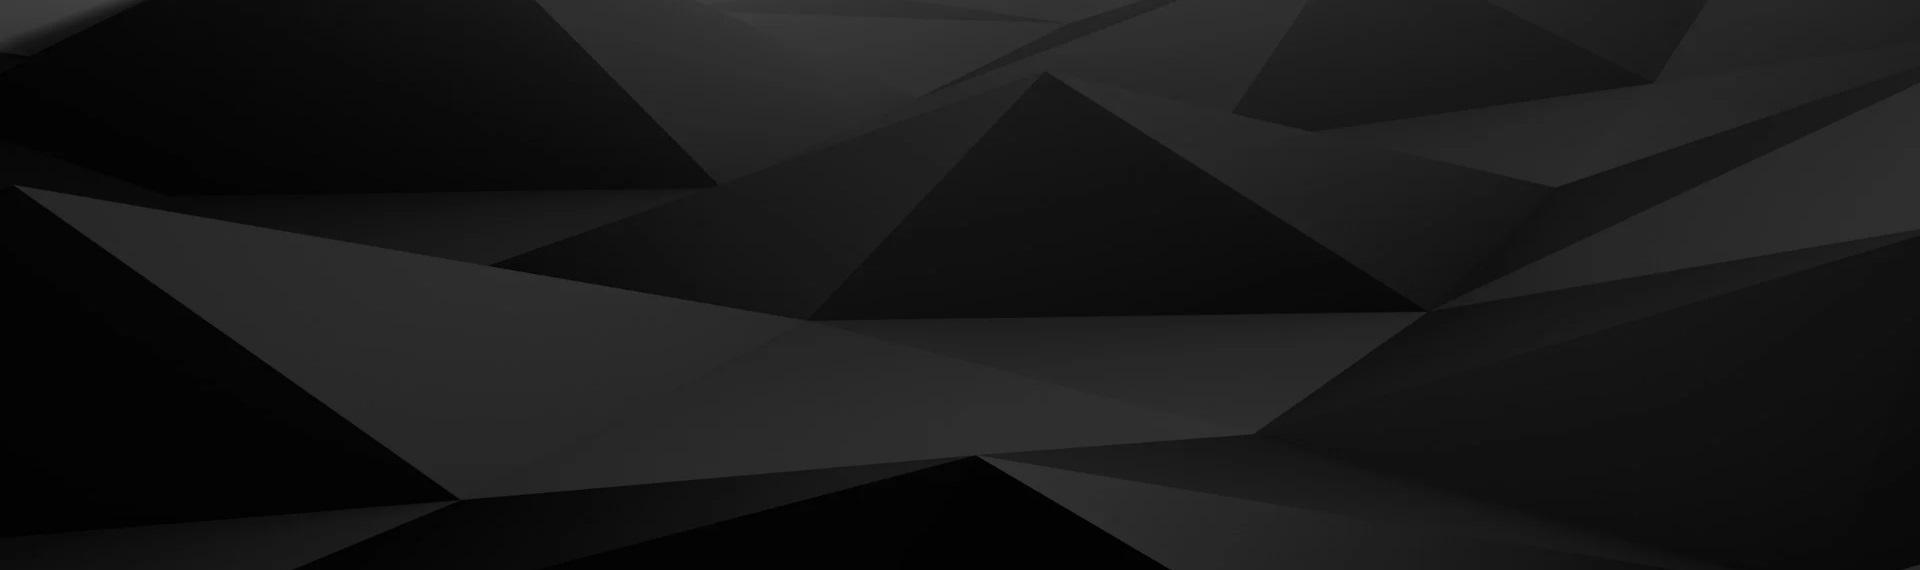 czarne trójkąty - tło Profitap